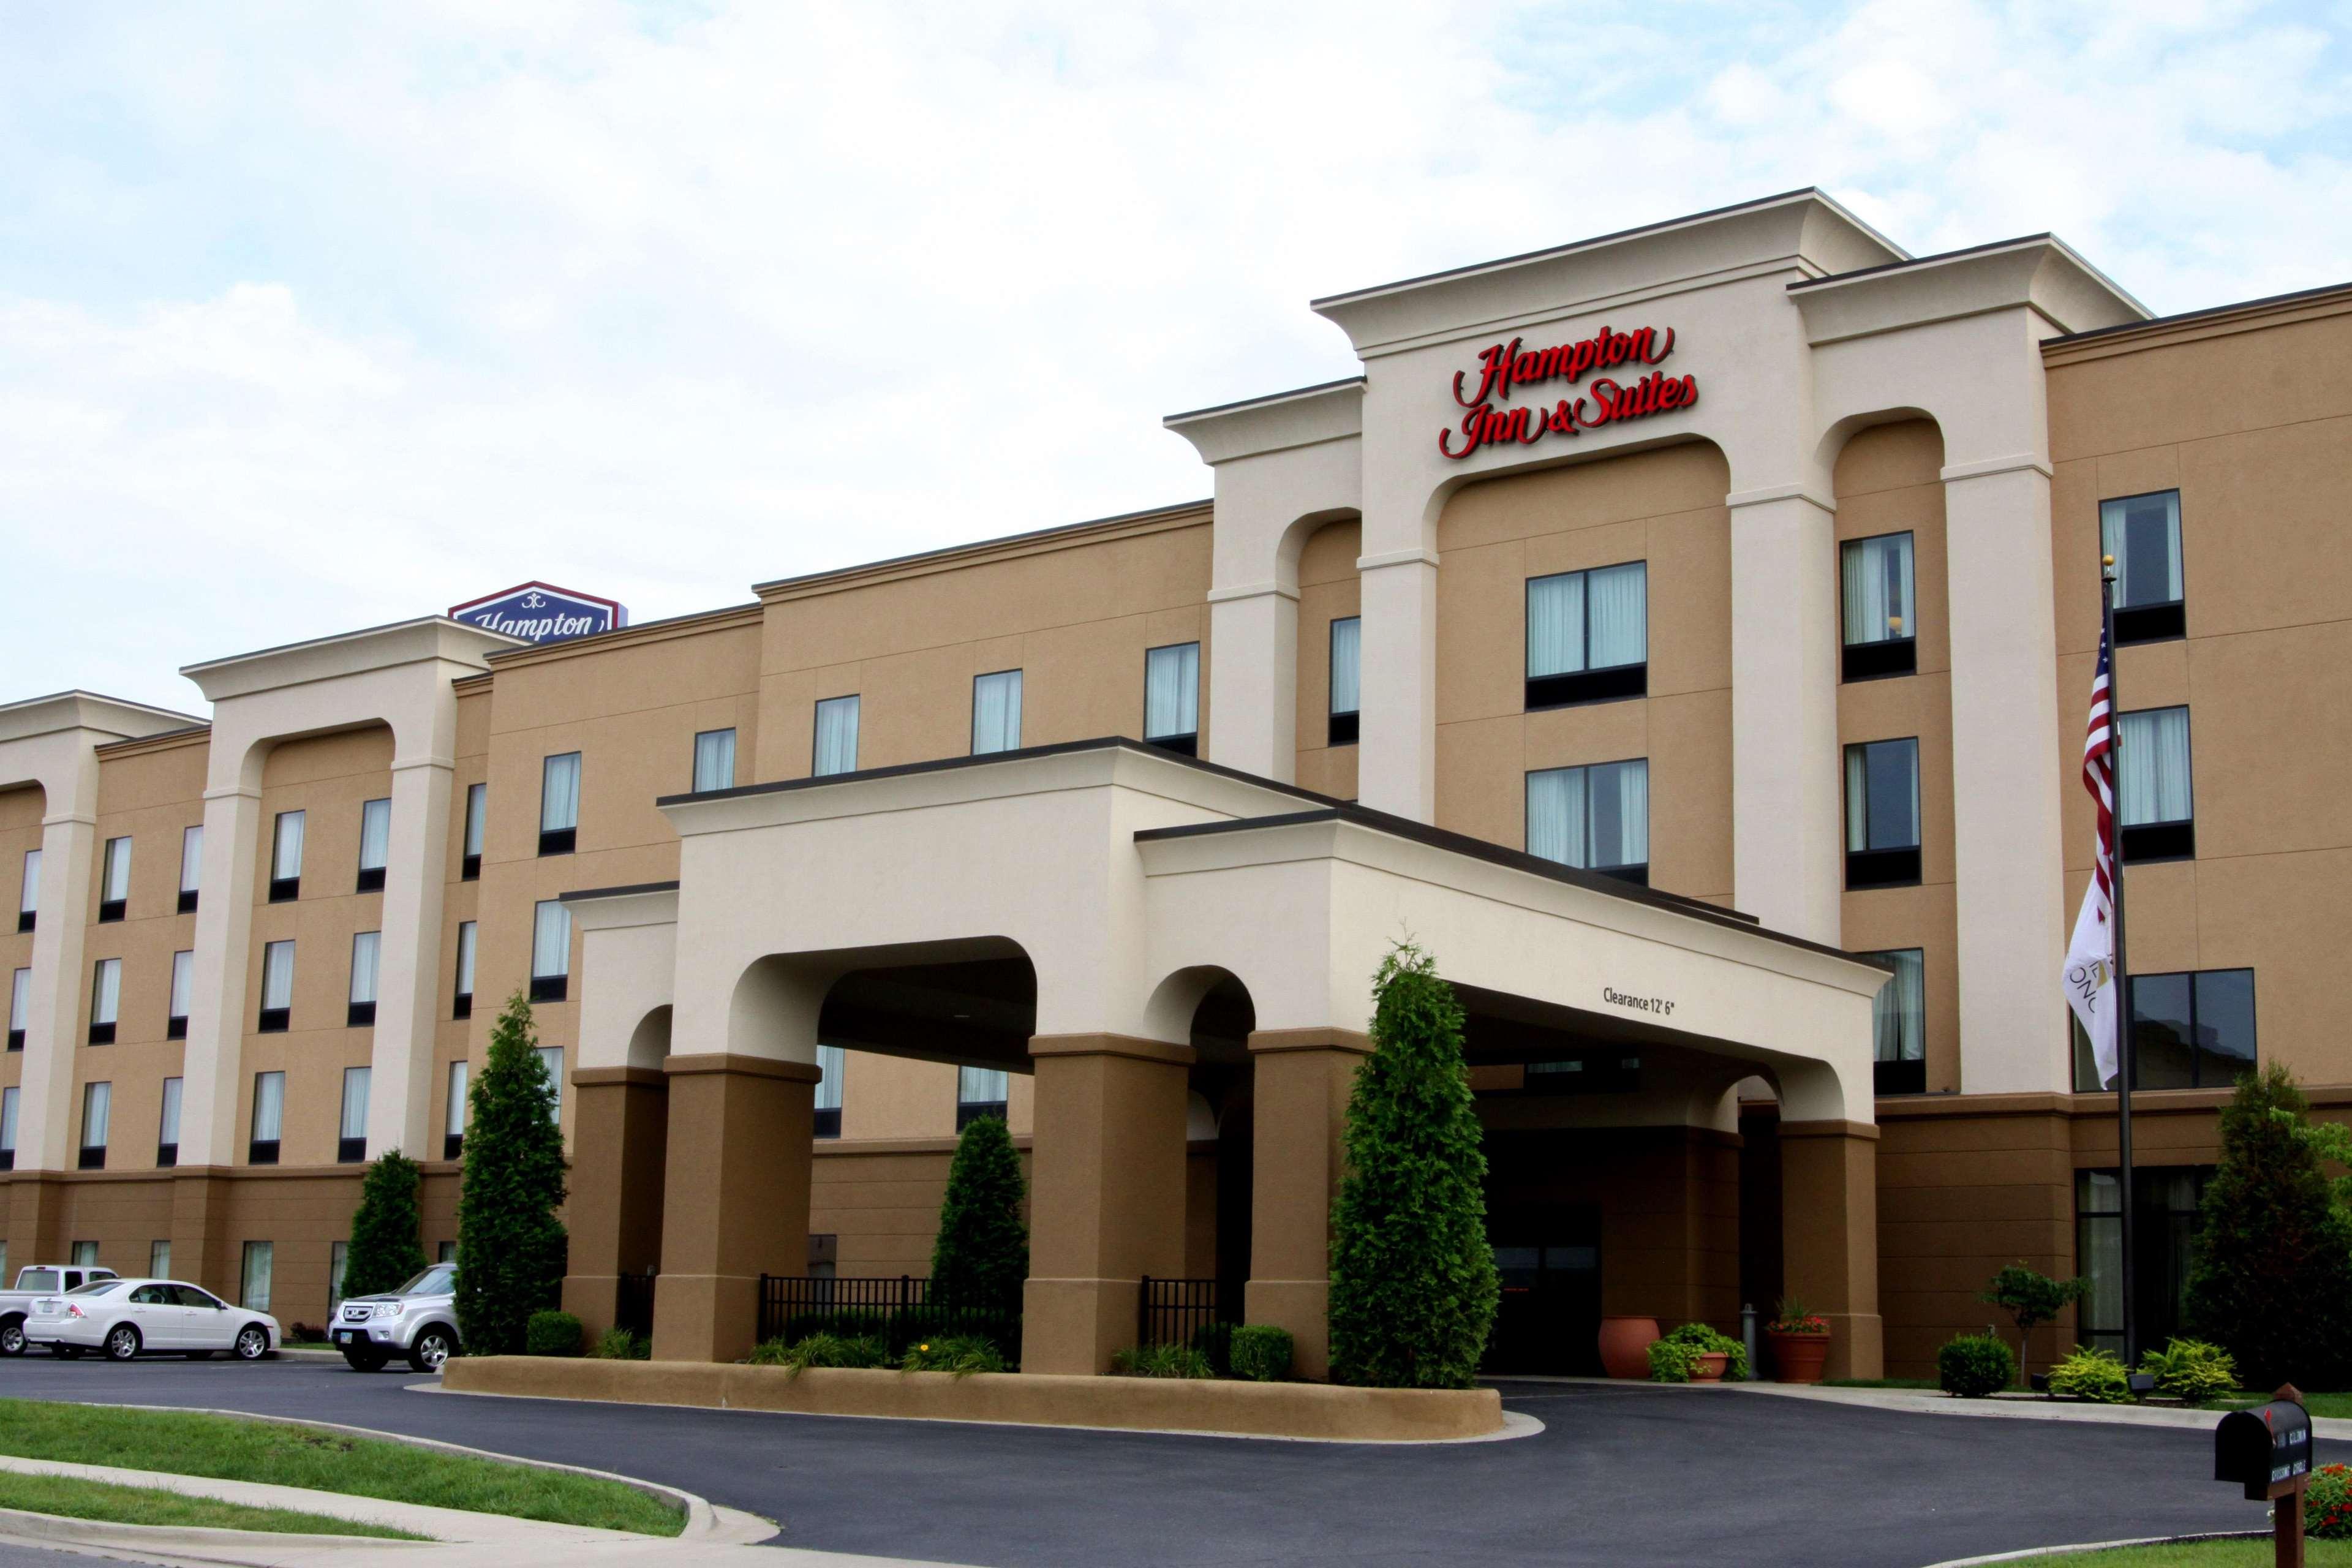 Hampton Inn & Suites Paducah image 1